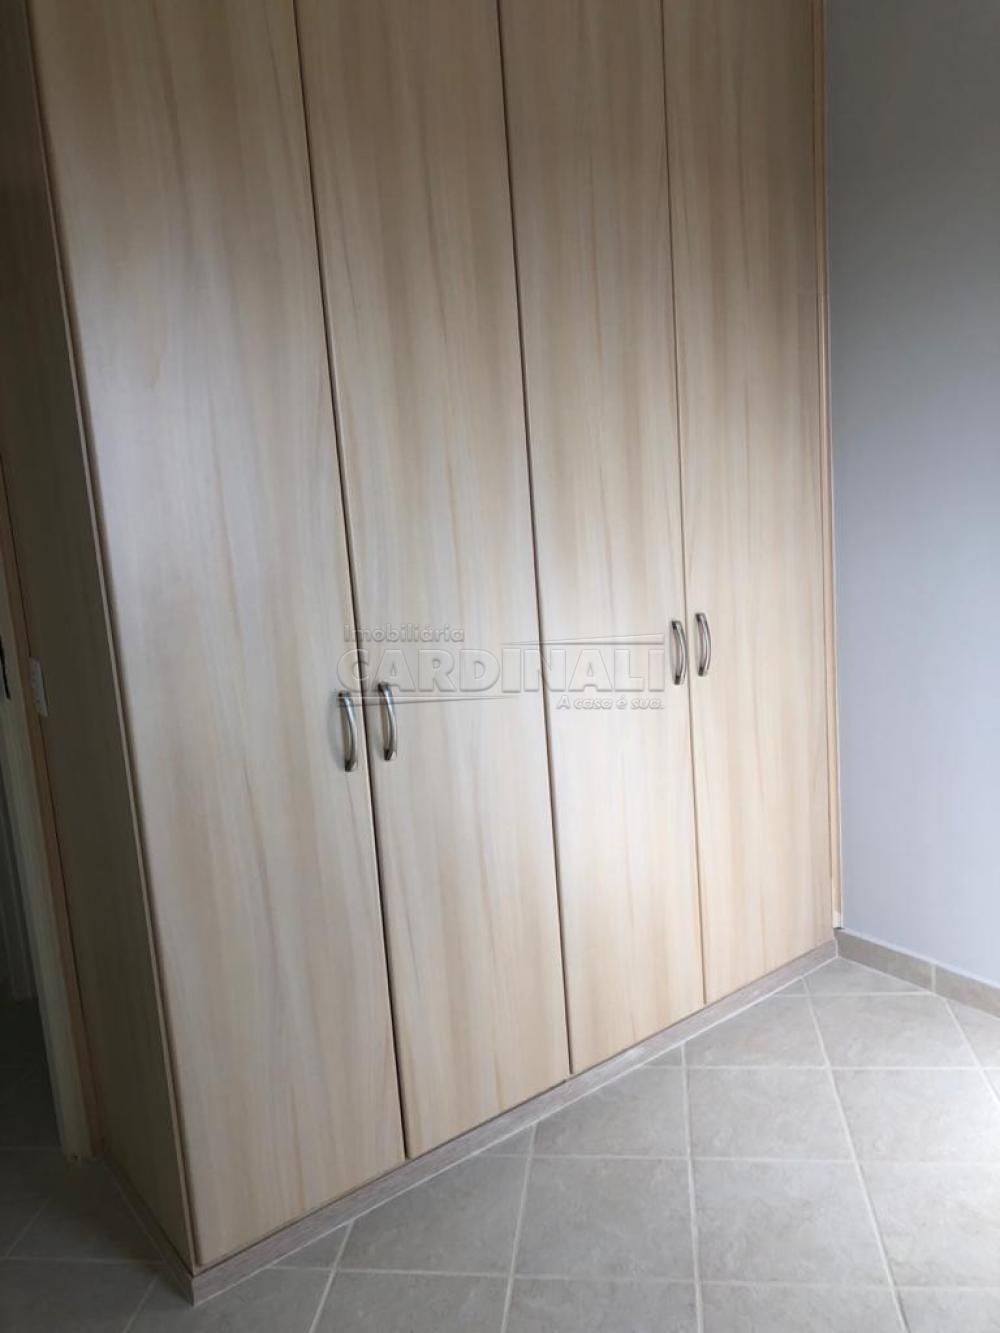 Alugar Apartamento / Padrão em São Carlos R$ 1.334,00 - Foto 13